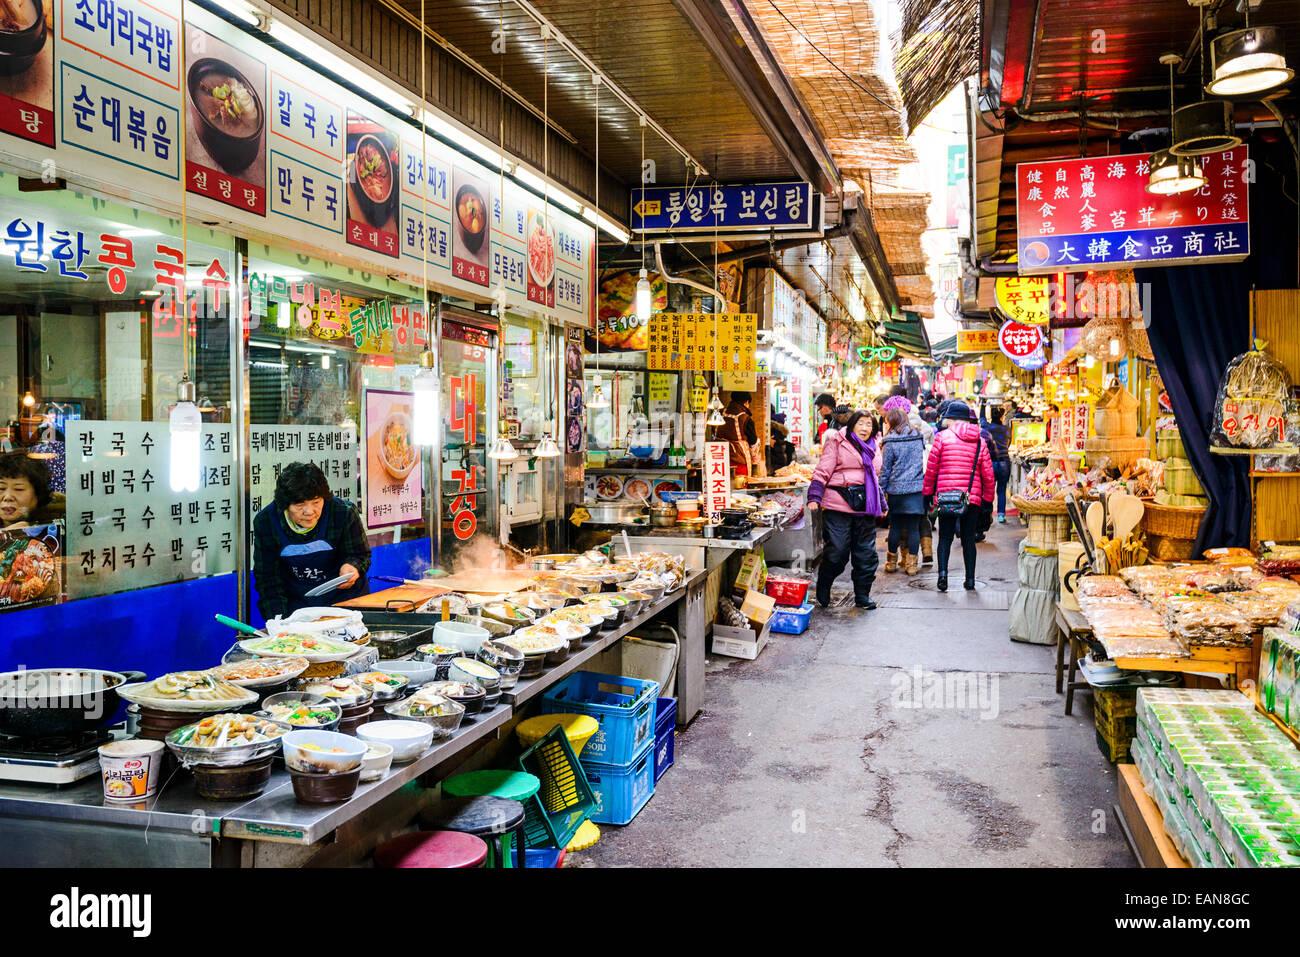 Los compradores pasan a través del mercado de Dongdaemun. El mercado es un popular destino turístico y Imagen De Stock